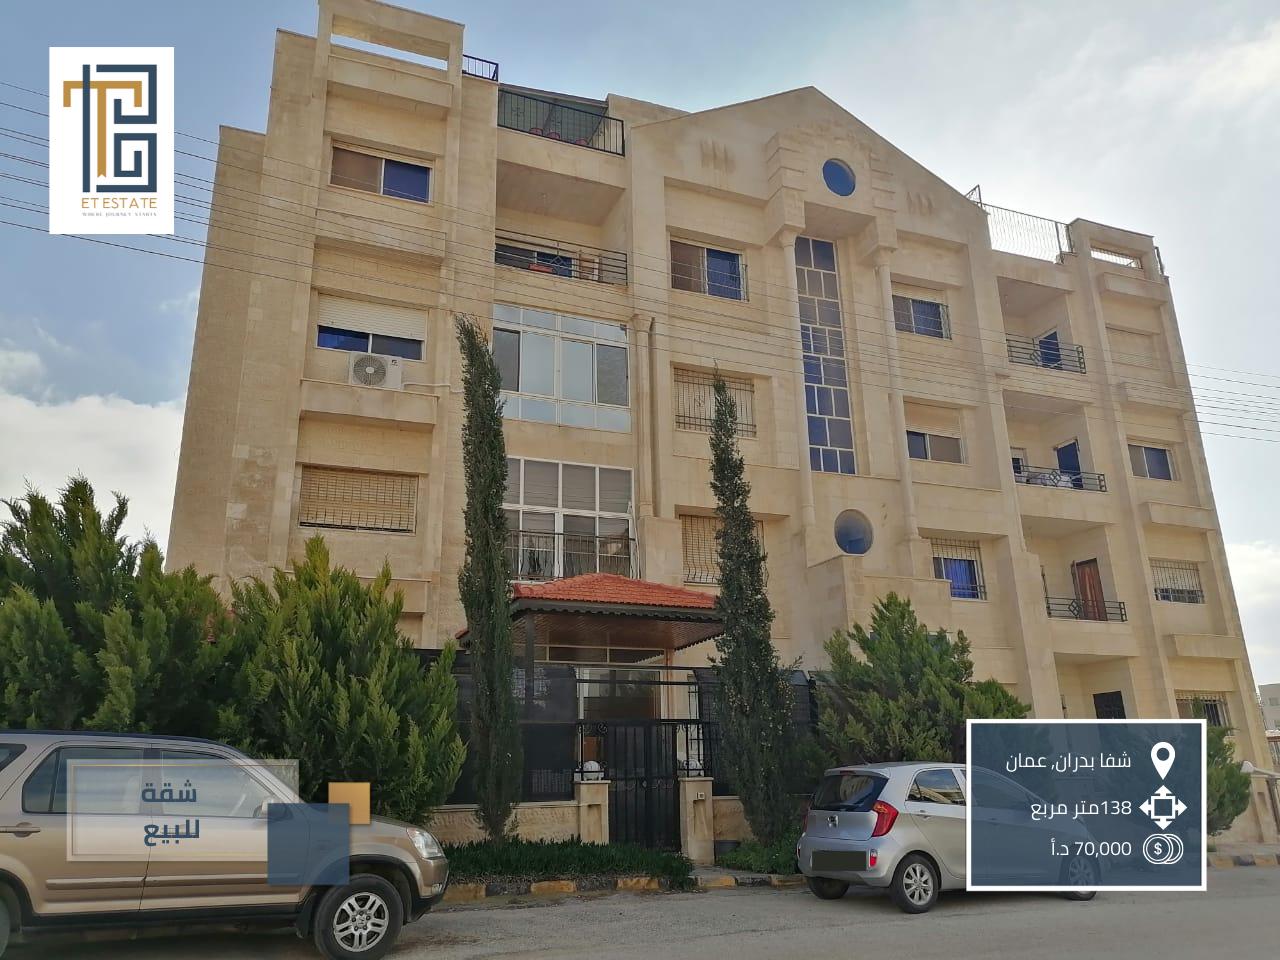 شقة للبيع في شفا بدران في عمان